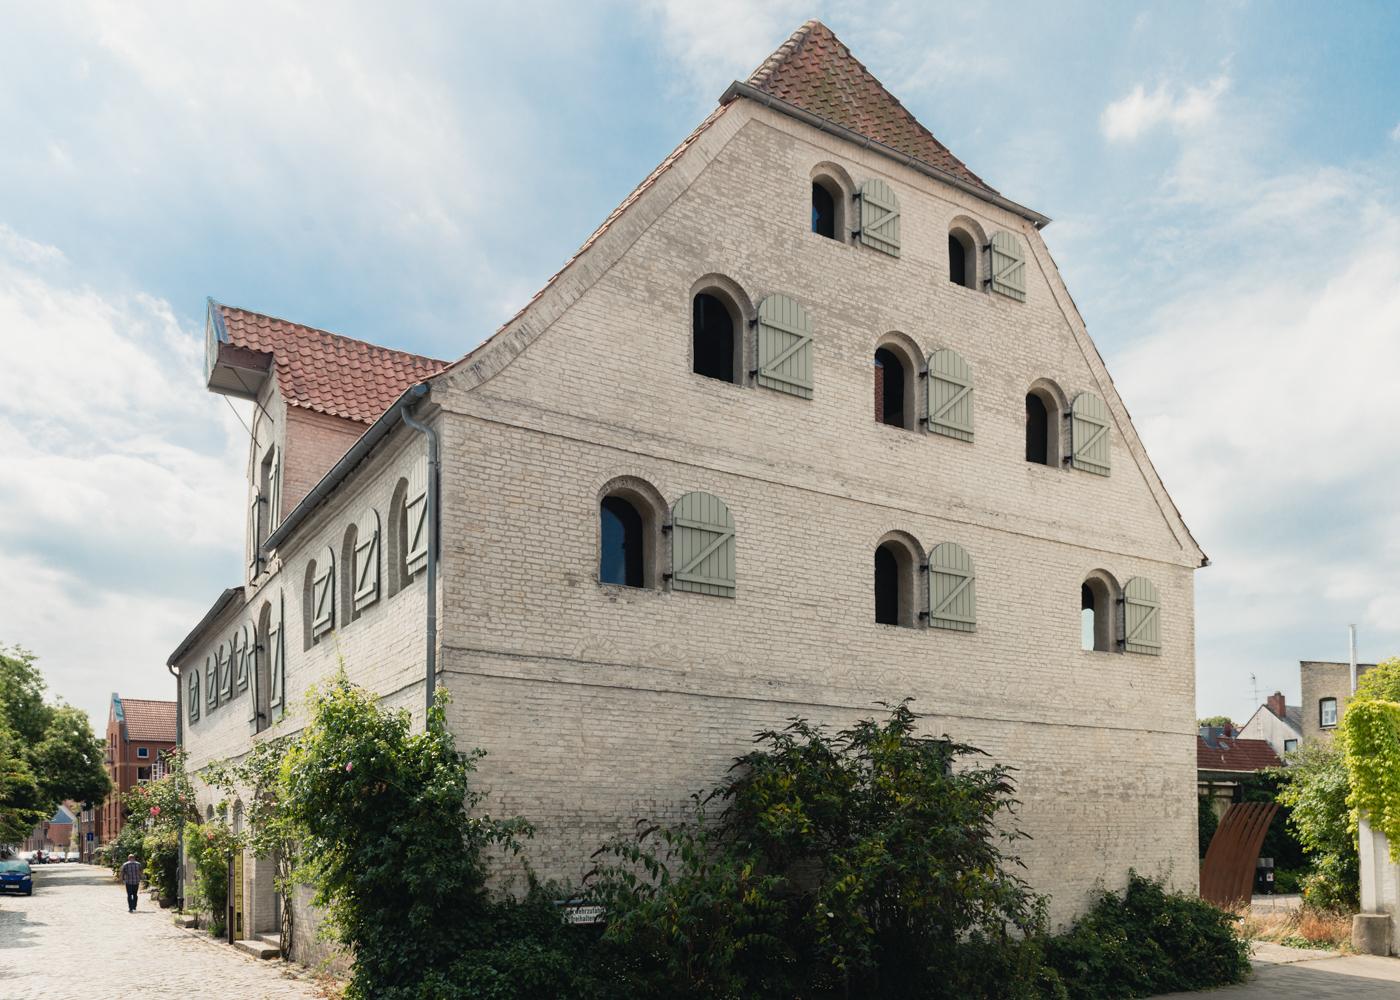 Außenasicht des Büros von rimpf im alten Schuch-Speicher in Eckernförde